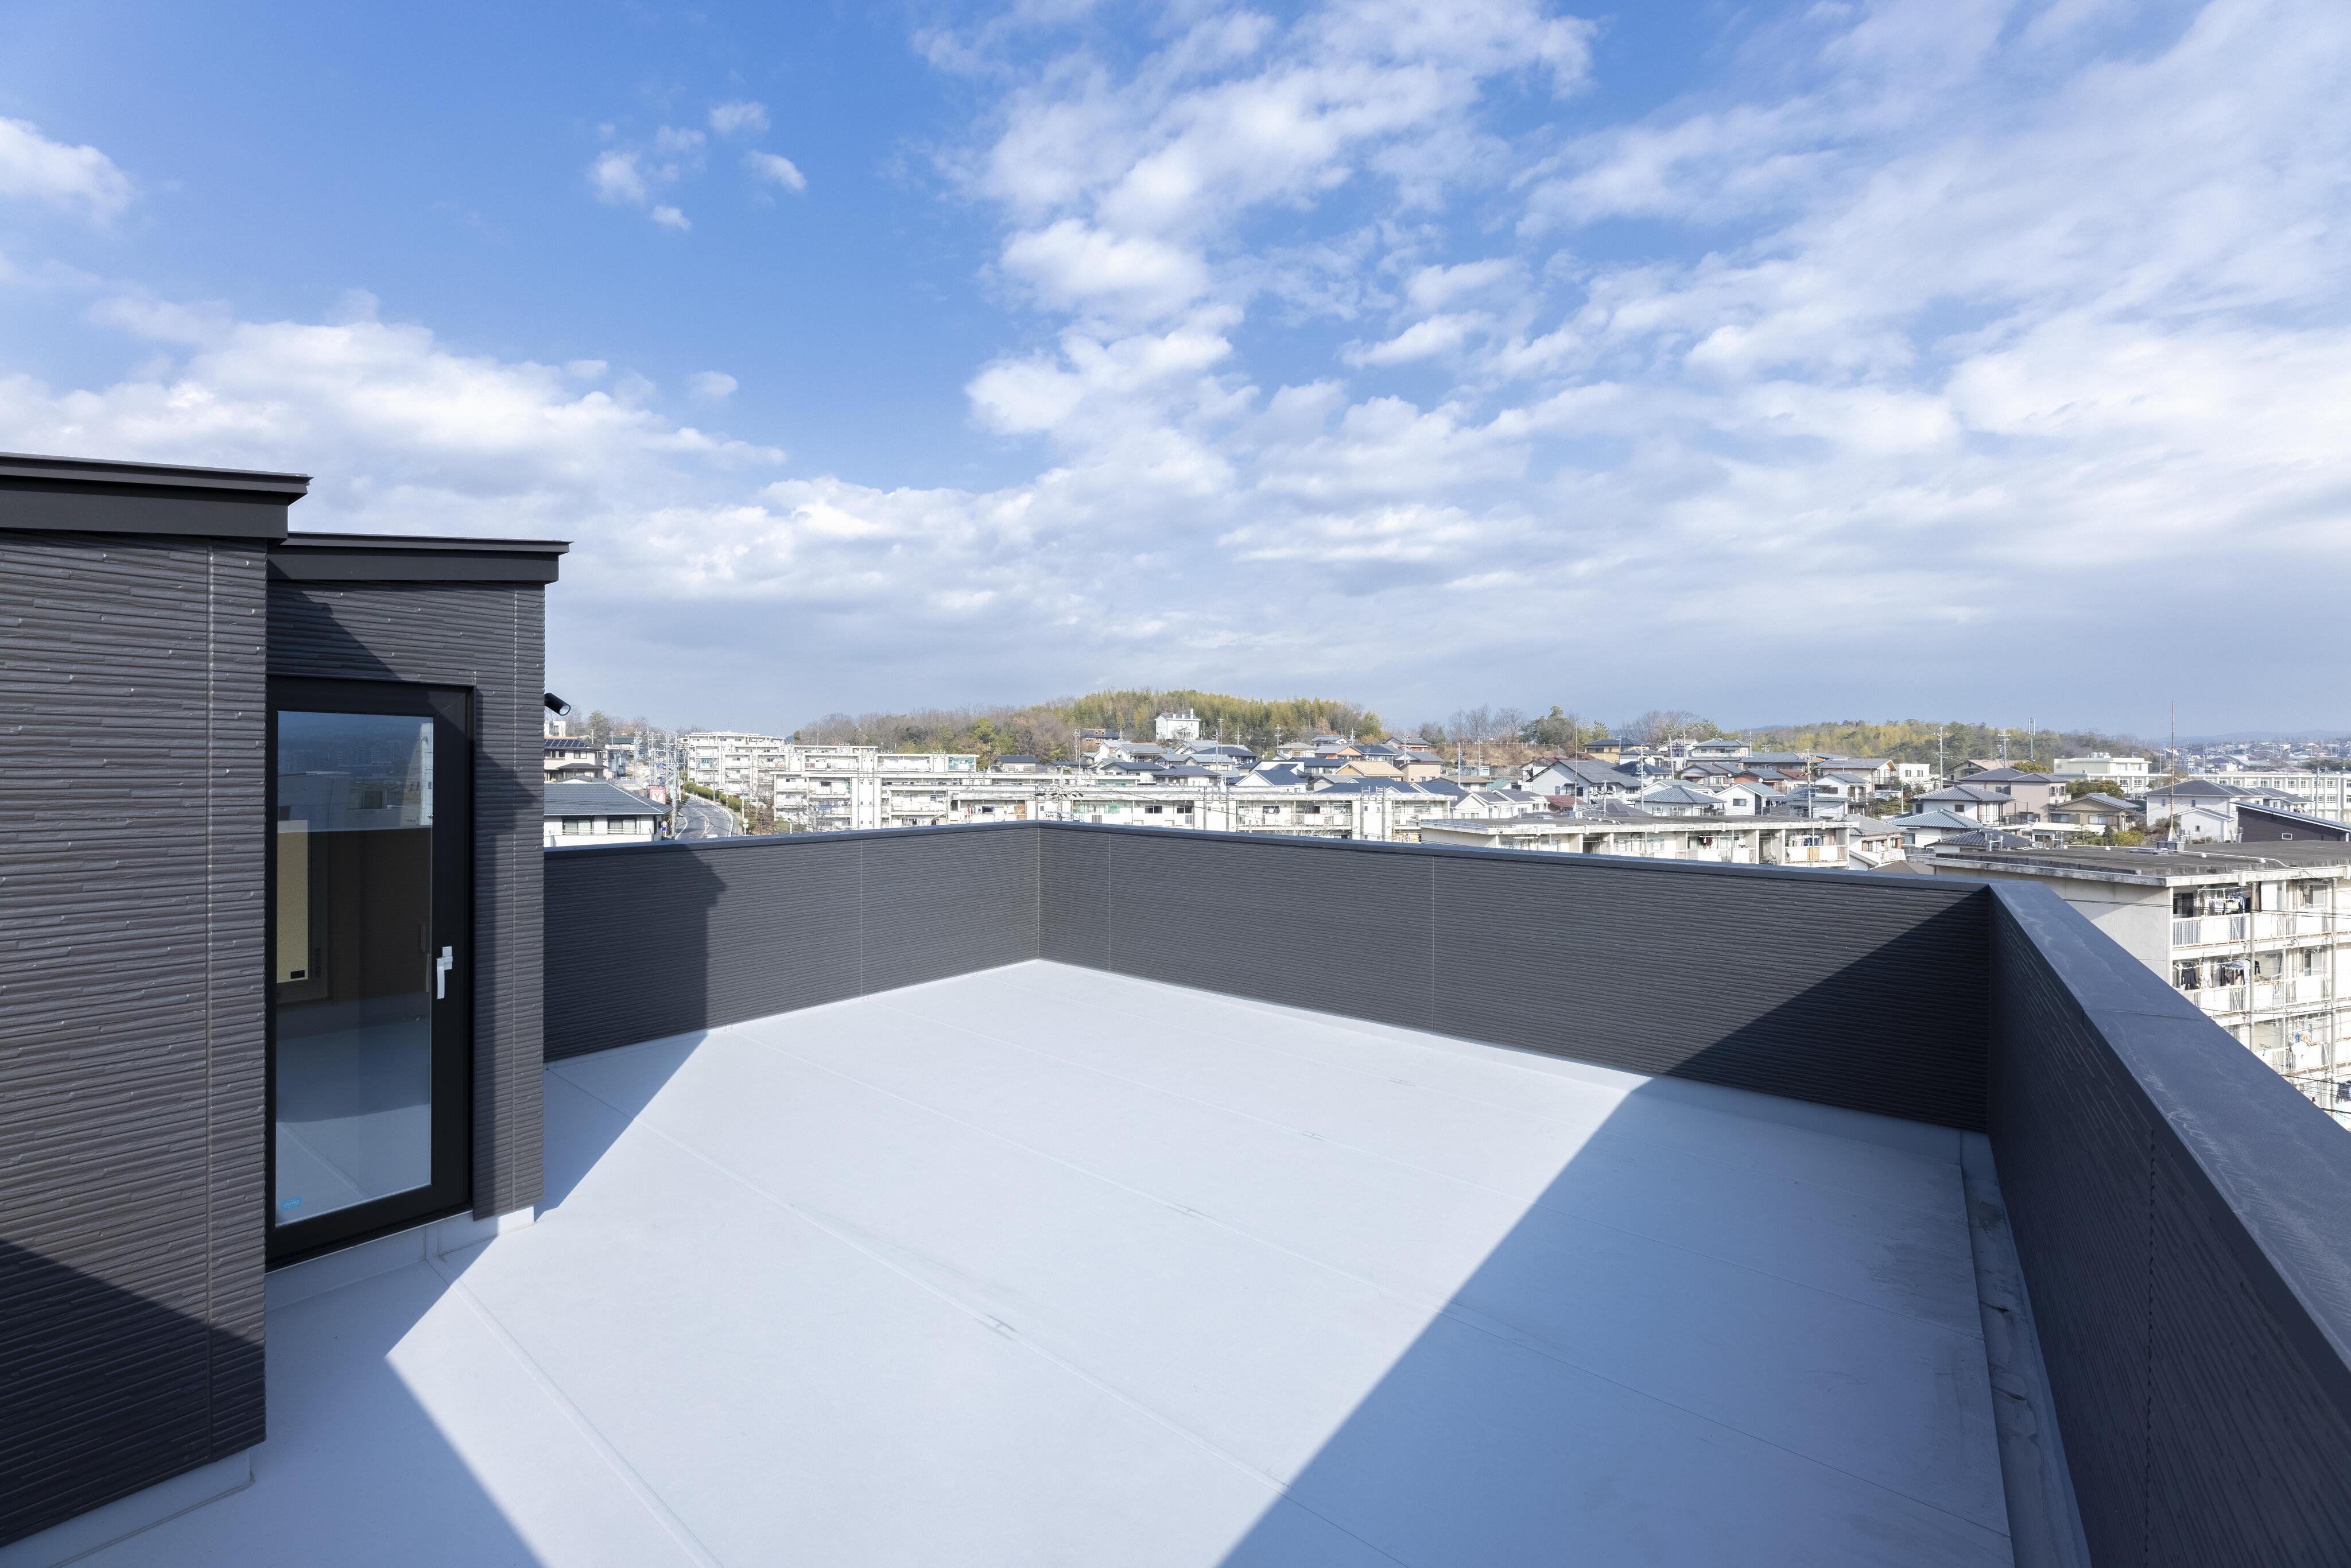 立地を生かした屋上。眺めも良くプライベート空間を愉しめる